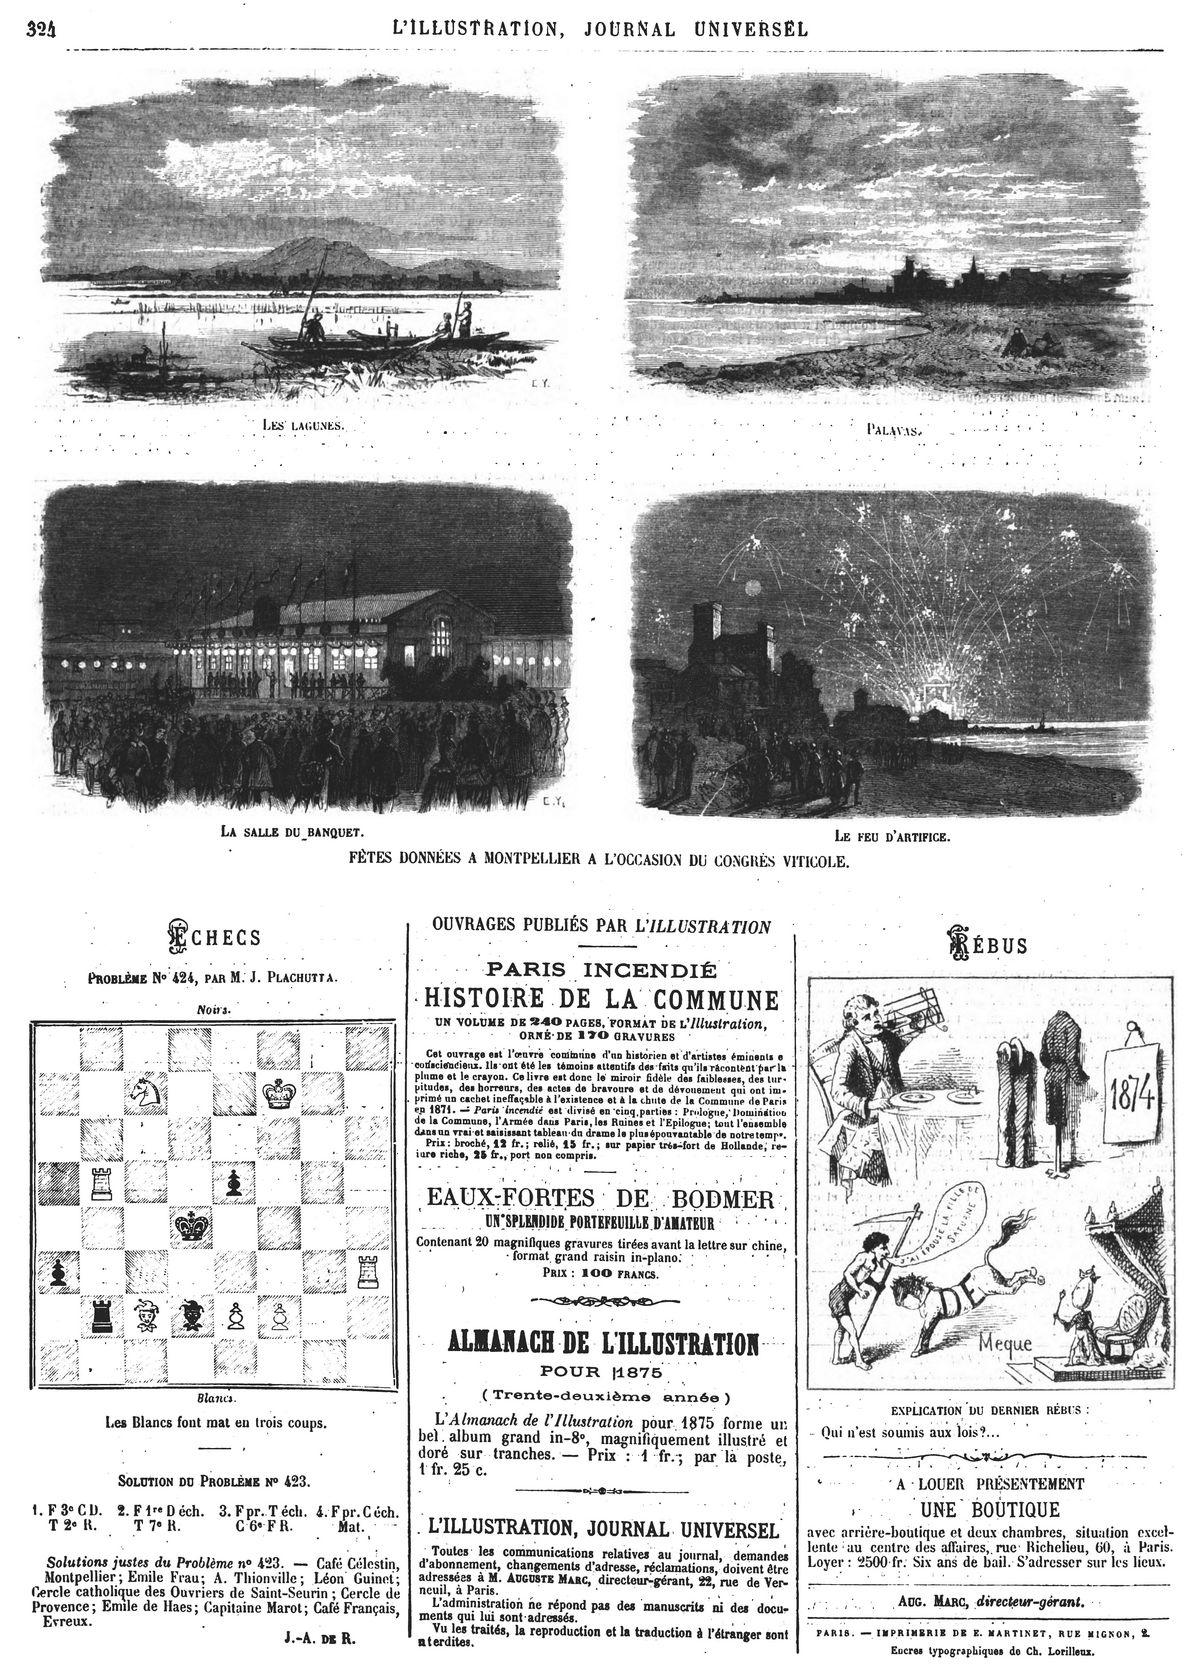 Fêtes données à Montpellier à l'occasion du Congrès viticole (4 gravures). Gravures 1874